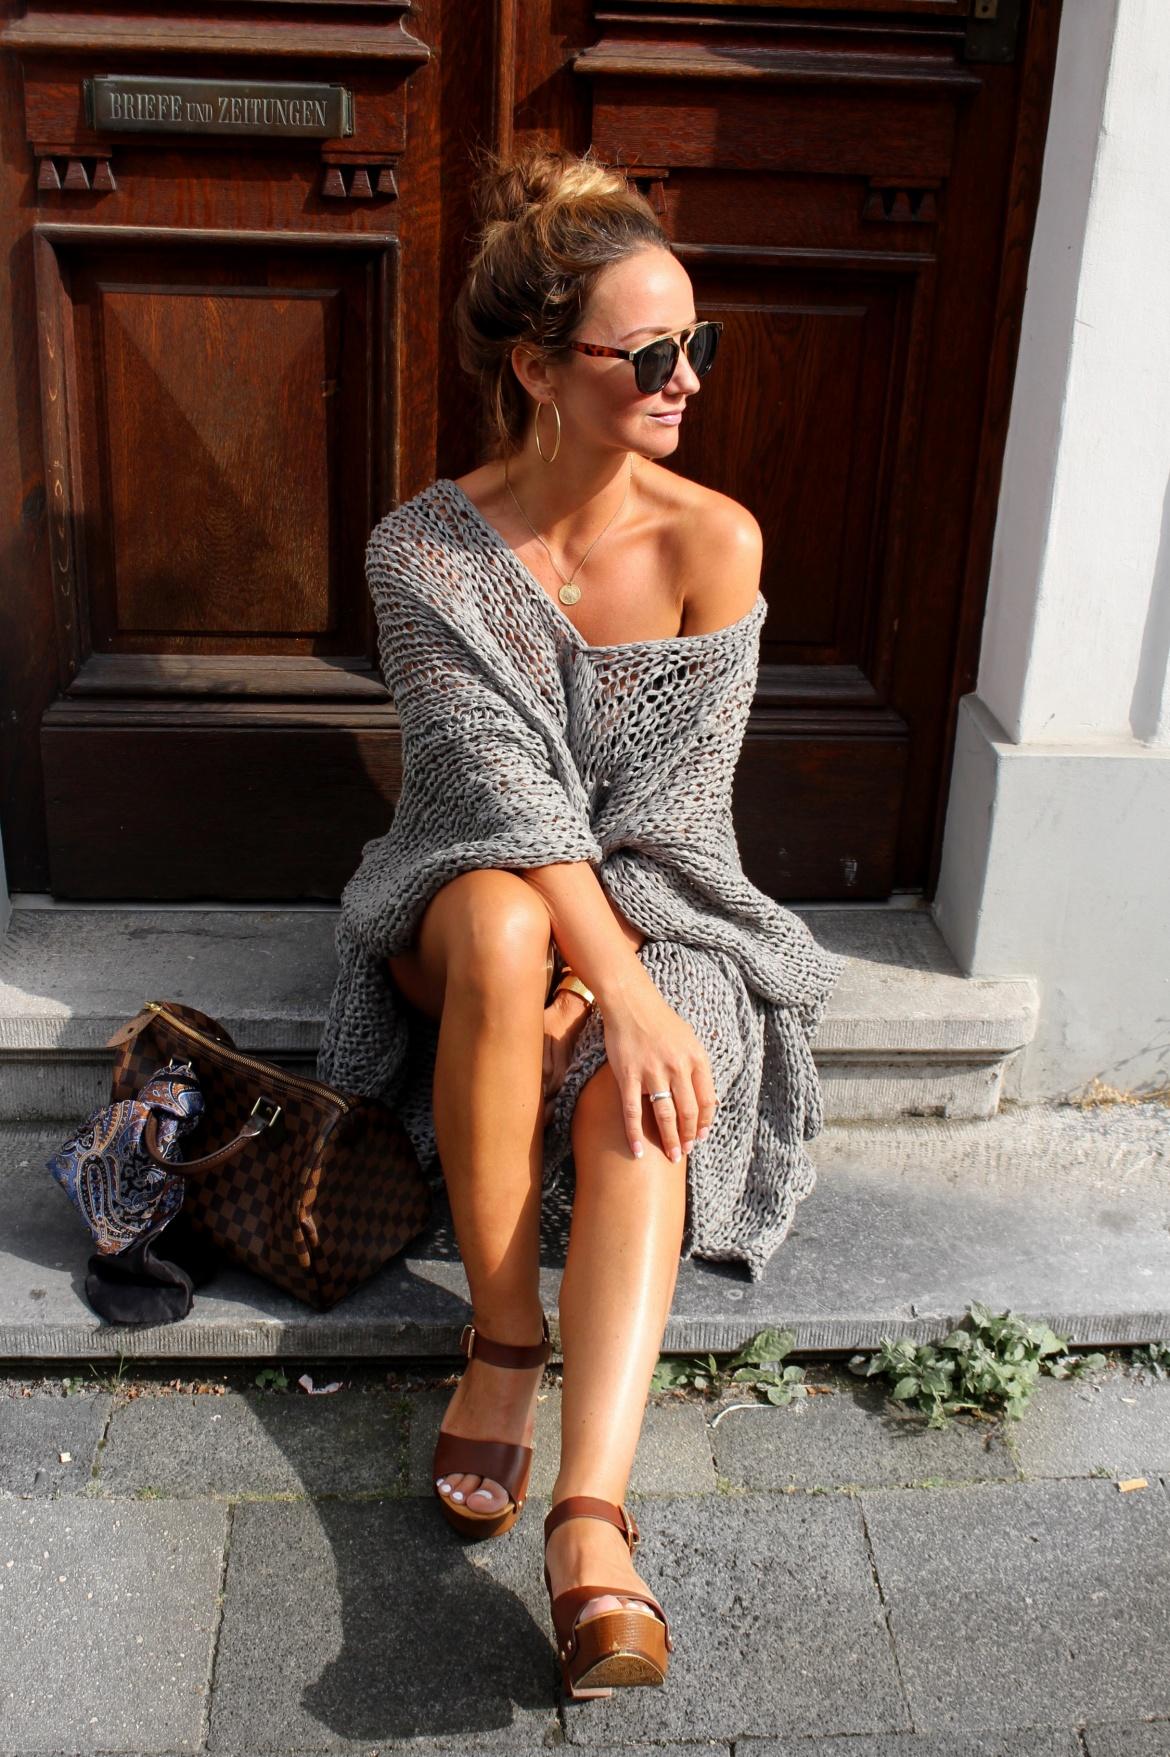 Fashioncircuz by Jenny deichmann-schuhe-blogger-1170x1757 LUFTIG UND LOCKER DURCH DEN SOMMER - TROTZ 'WOLLPULLI'